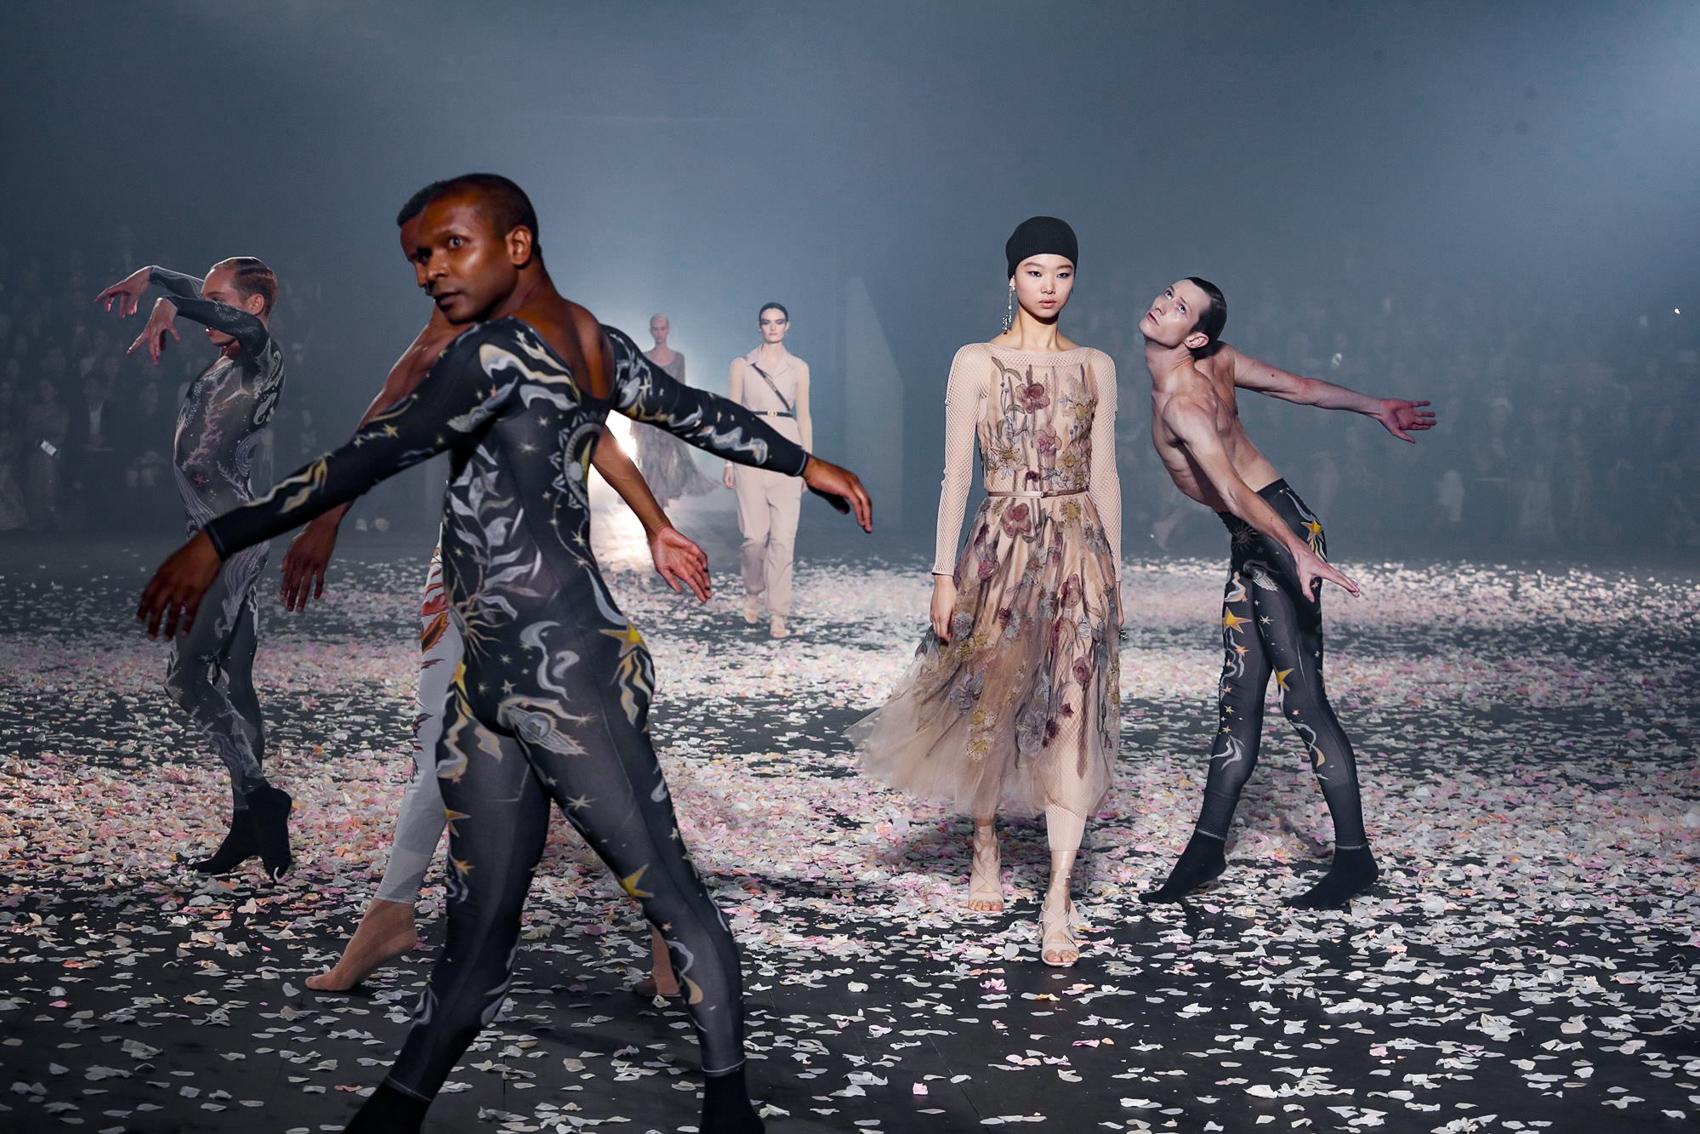 DIOR ilkbahar 2018 koleksiyonu modern dans performansı  ile sunuldu